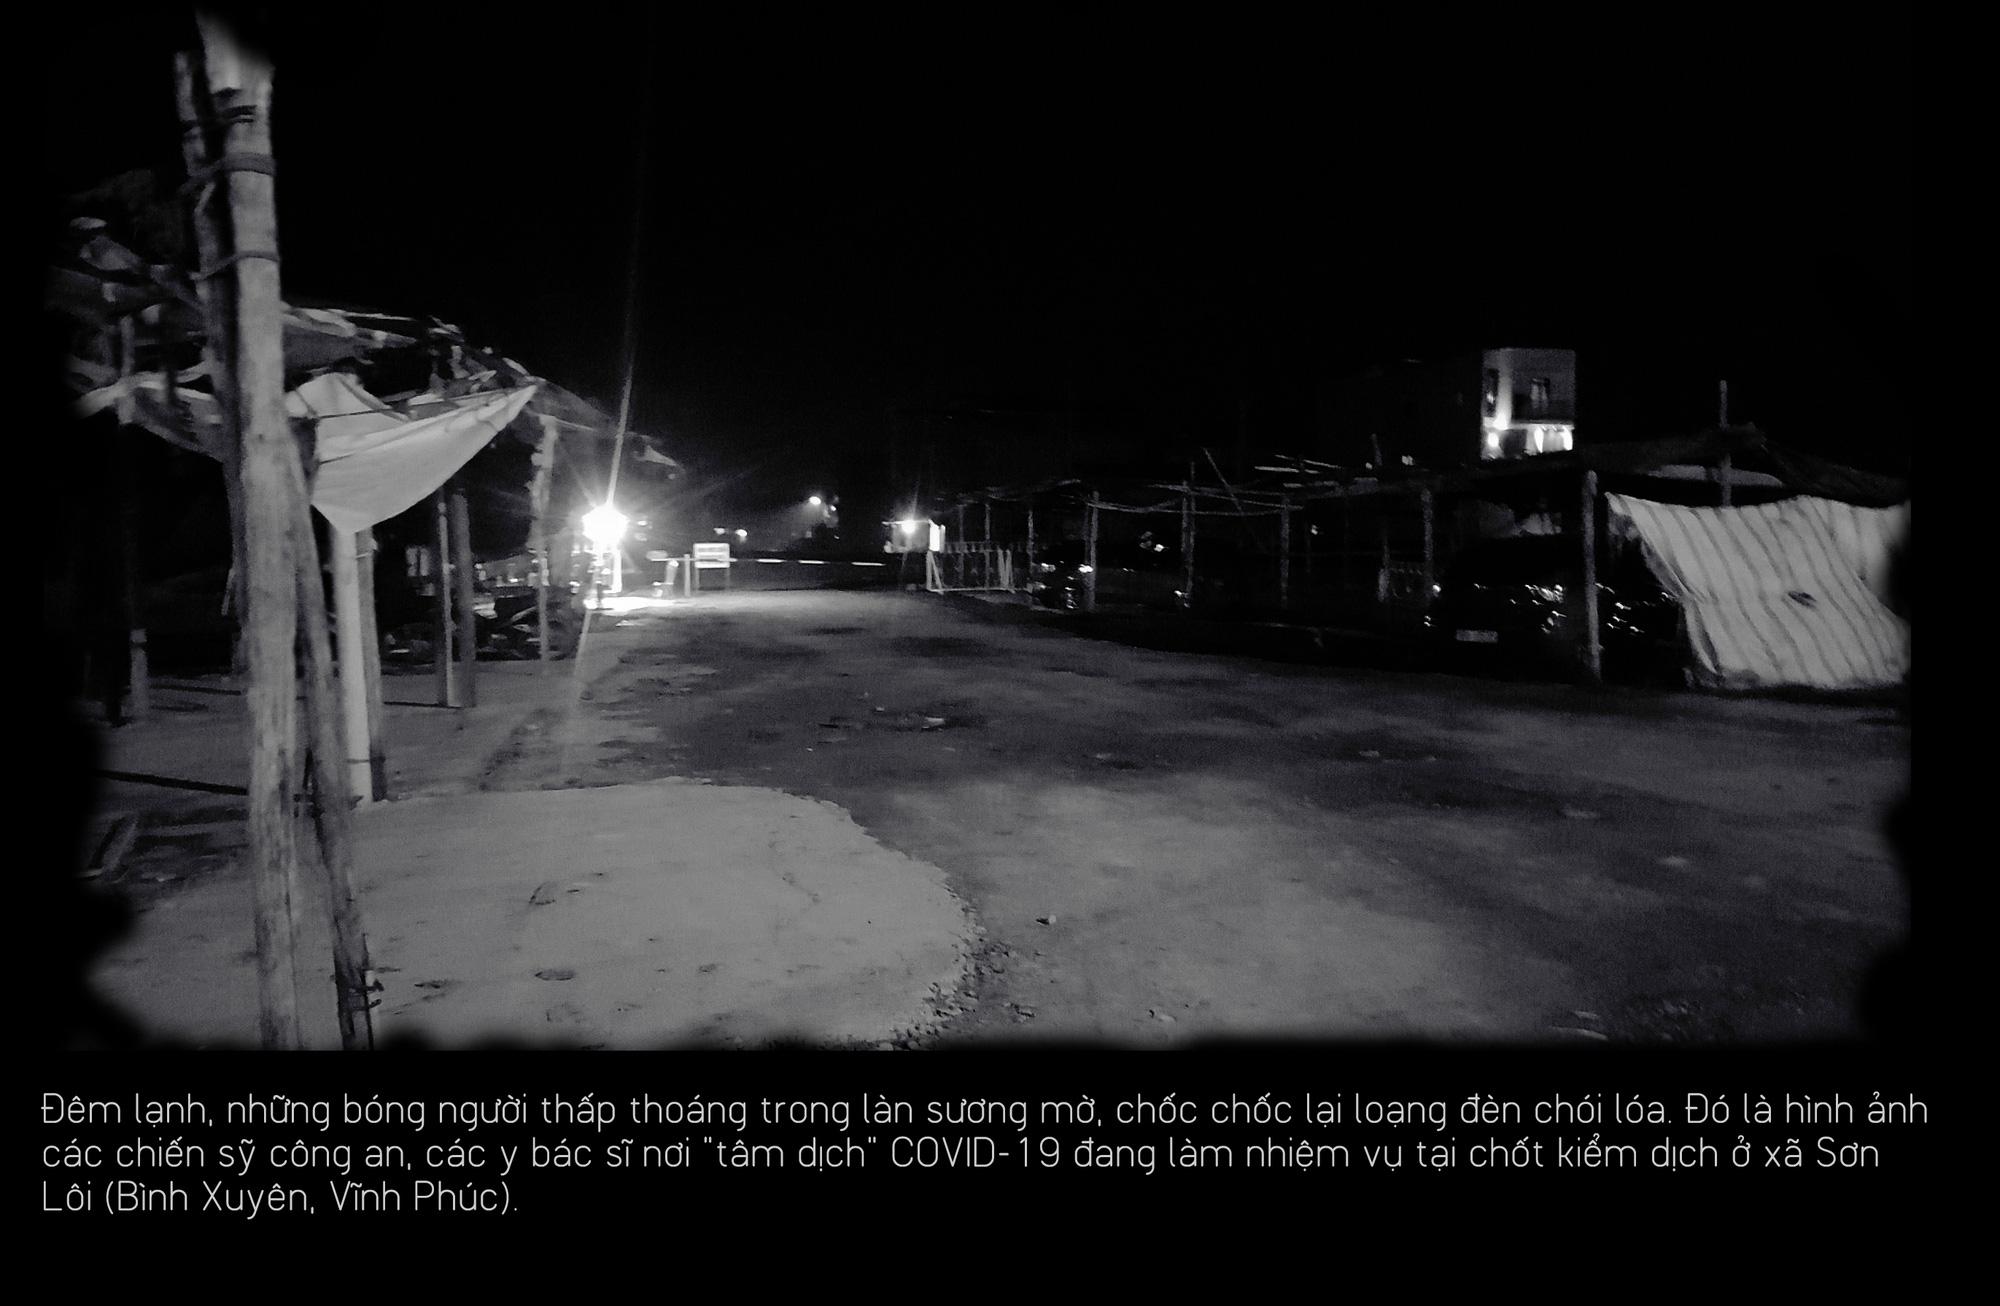 Khoảng lặng COVID-19: Một đêm trắng ở chốt kiểm dịch Sơn Lôi - Ảnh 1.